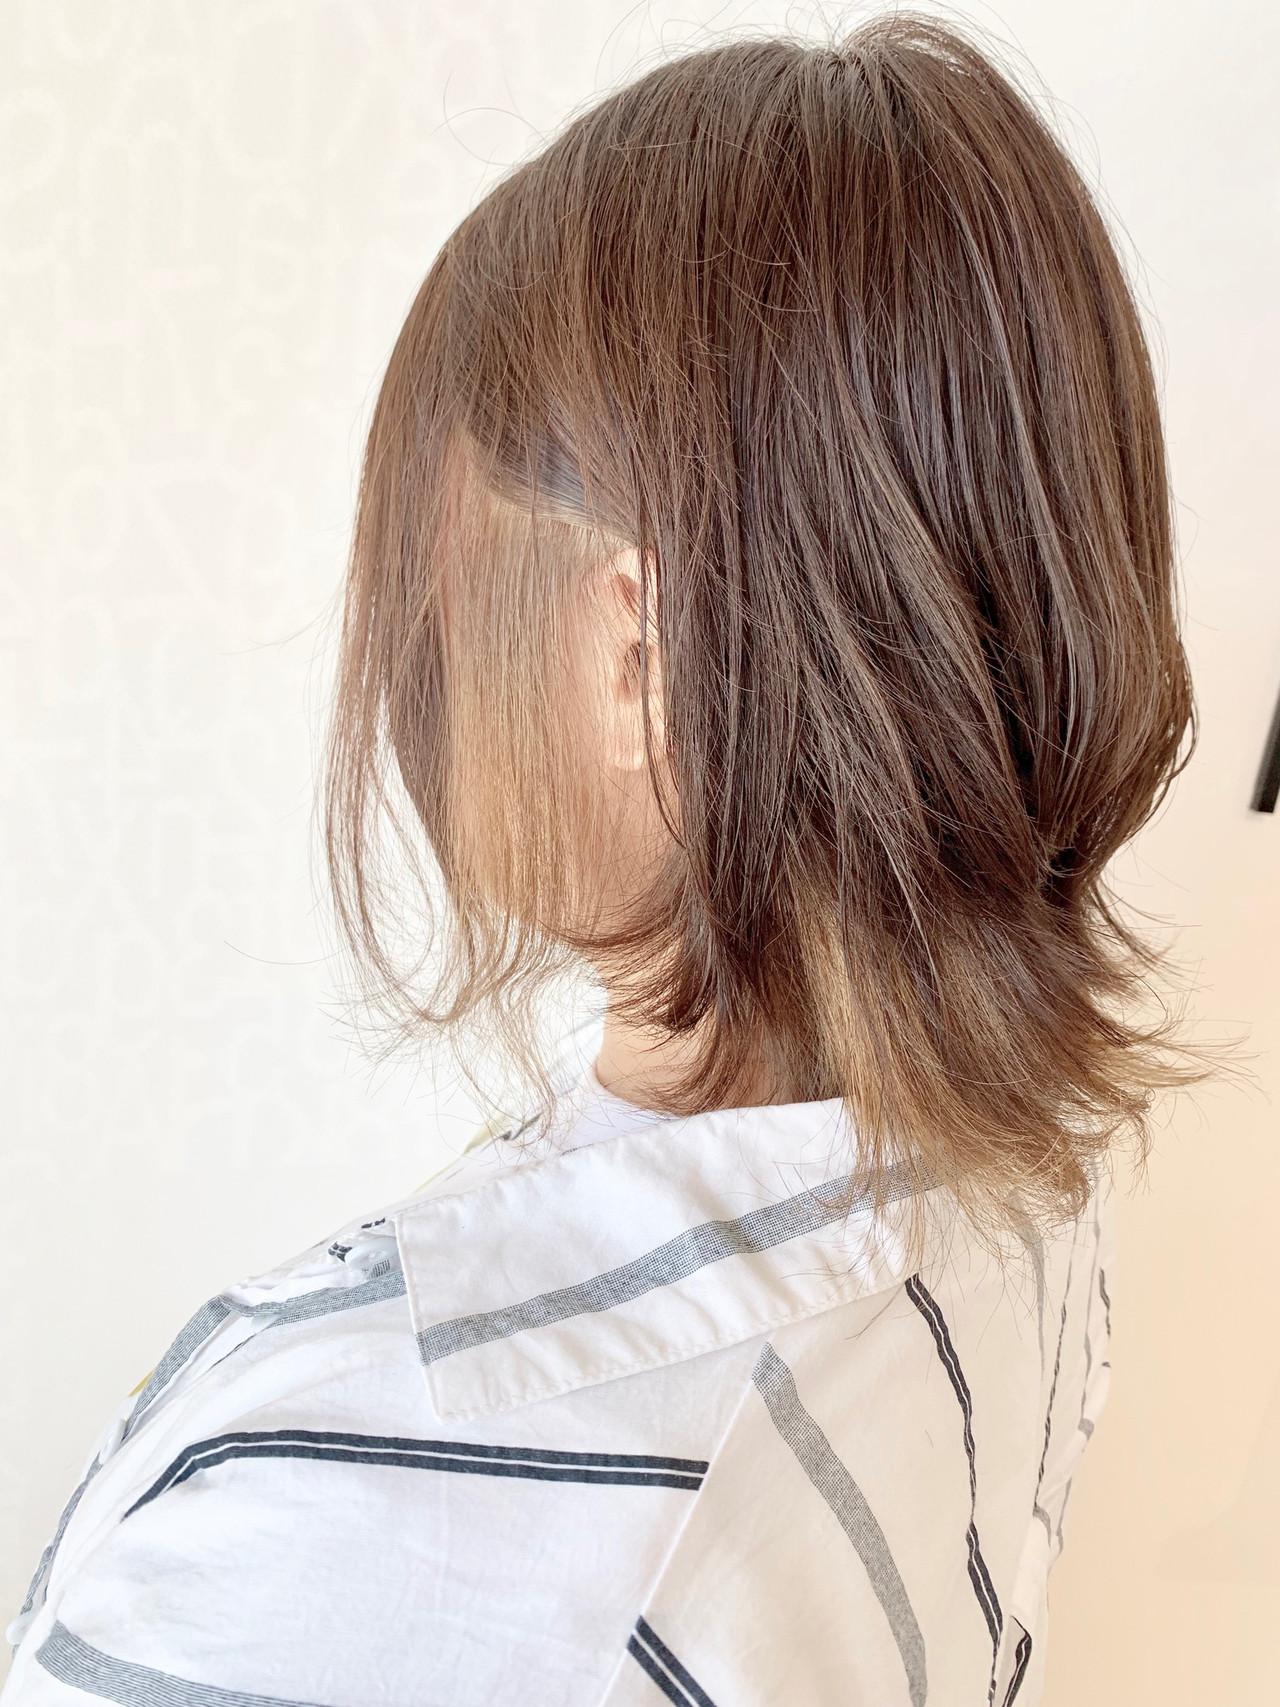 フェミニン 大人可愛い 透明感カラー ダブルカラー ヘアスタイルや髪型の写真・画像